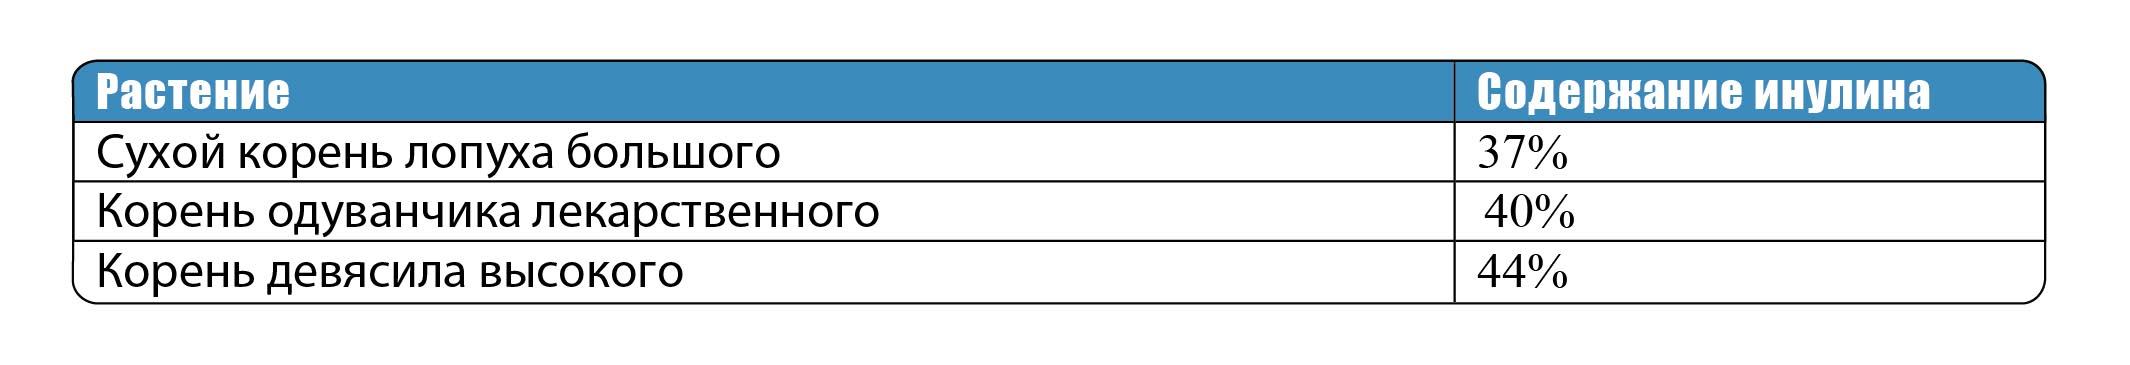 клетчатка в каких продуктах содержится таблица